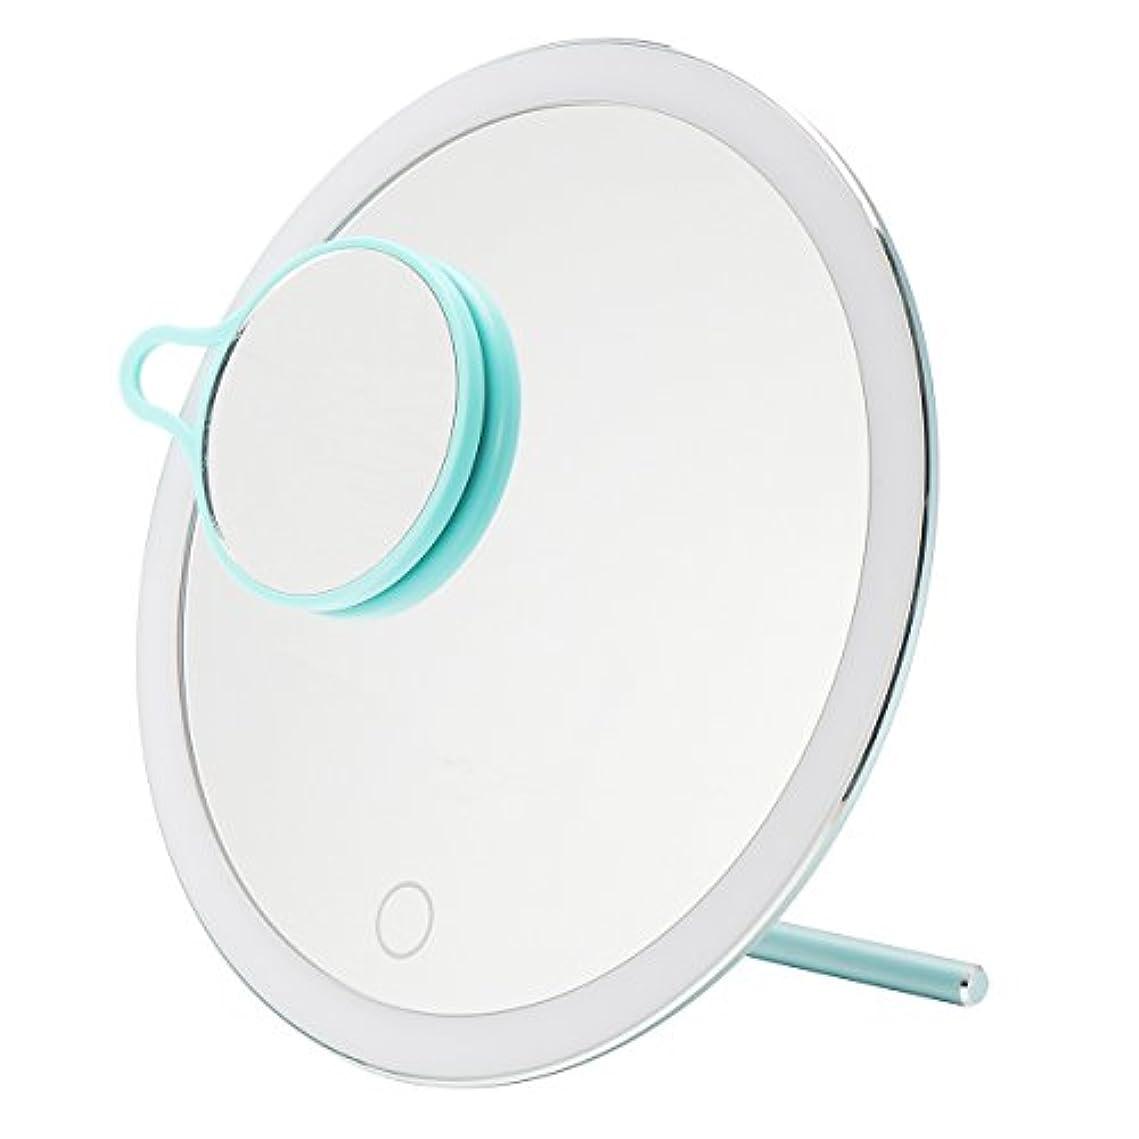 やりすぎレタス量YZUEYT USB LEDライトメイクアップミラータッチスクリーン携帯用拡大鏡バニティテーブルトップランプ化粧ミラーメイクアップツール YZUEYT (Color : Color Blue)